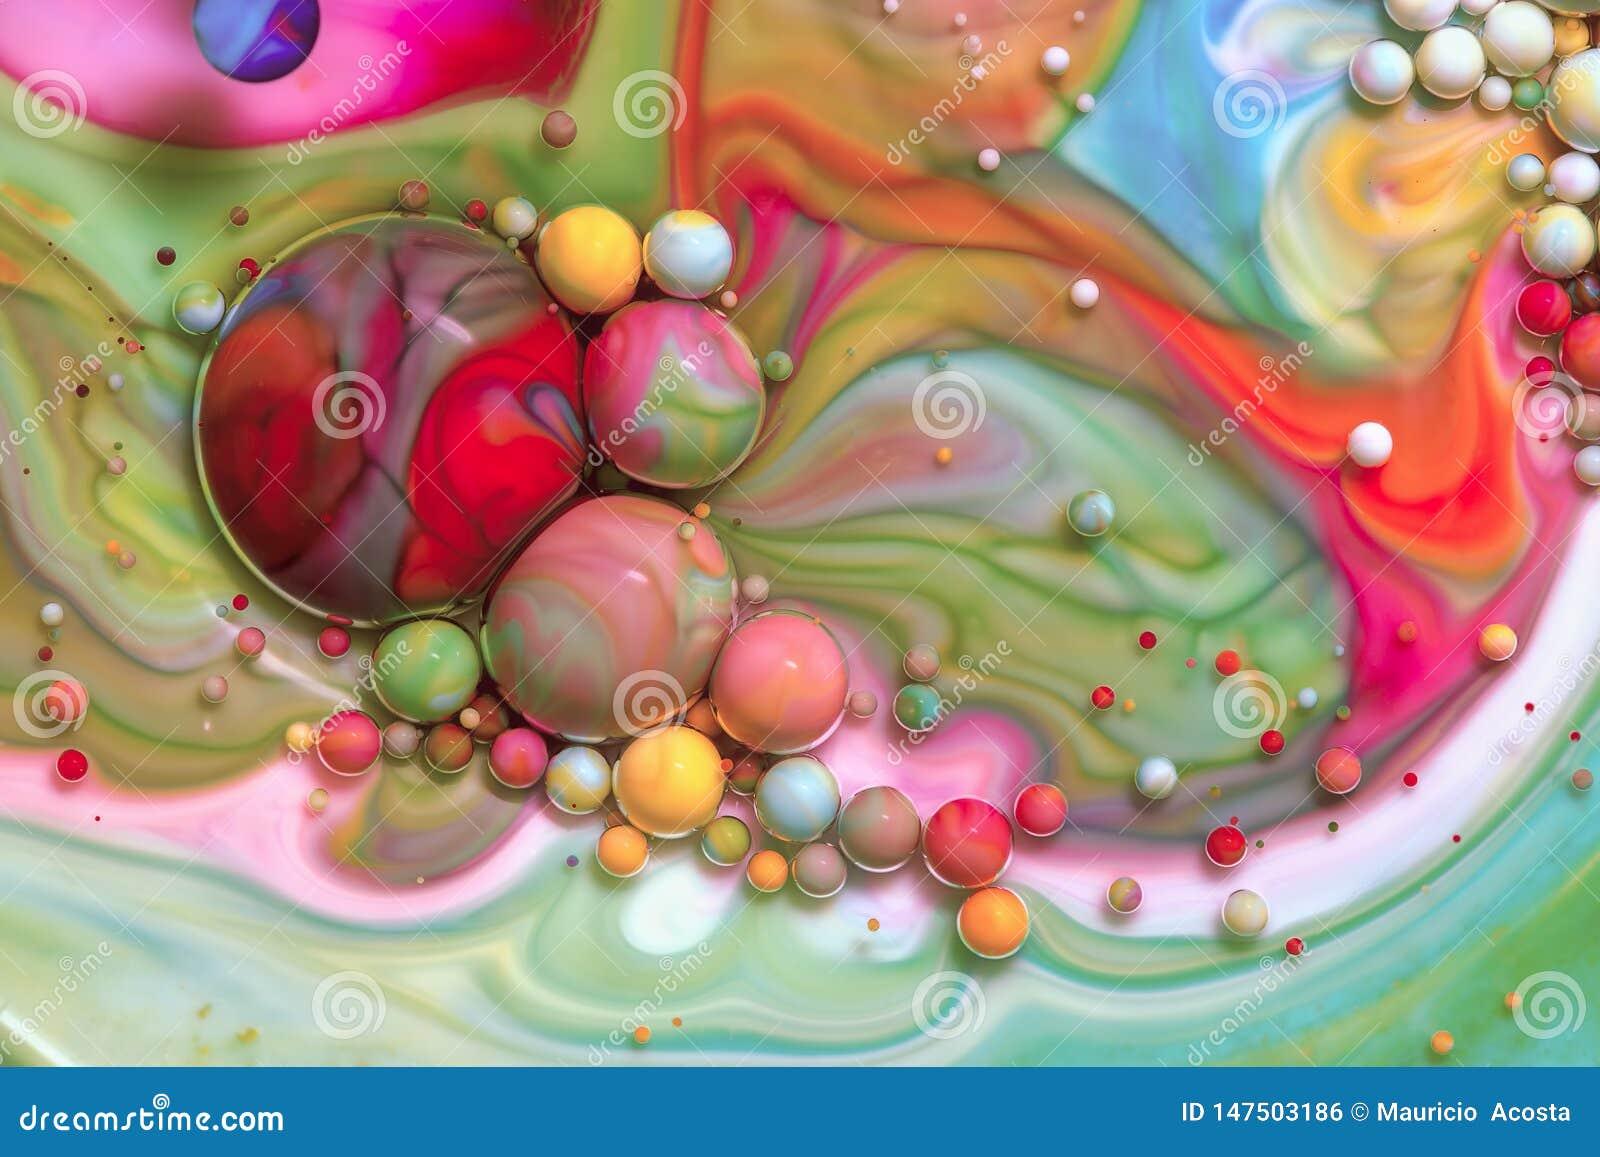 Fotografia macro das bolhas coloridas LXIX